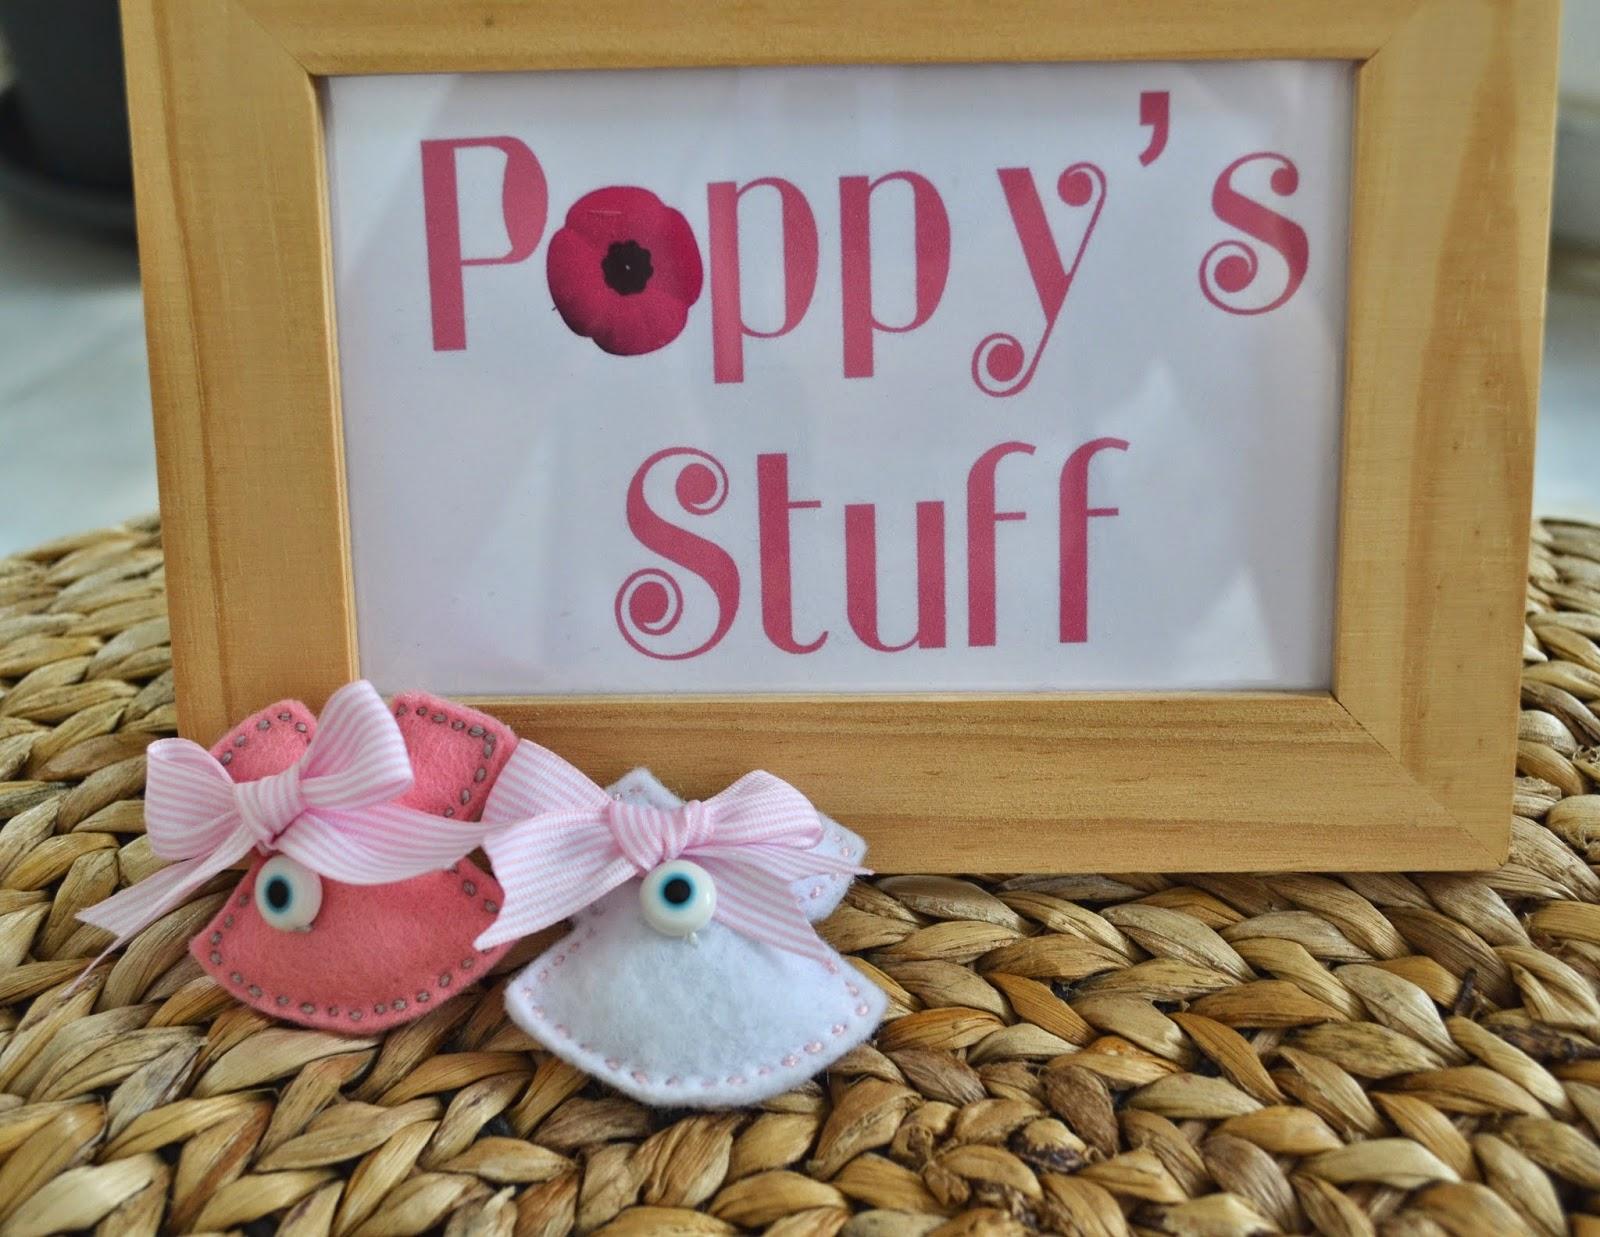 https://www.etsy.com/listing/201484591/felt-brooch-felt-little-dress-pink-or?ref=shop_home_active_4